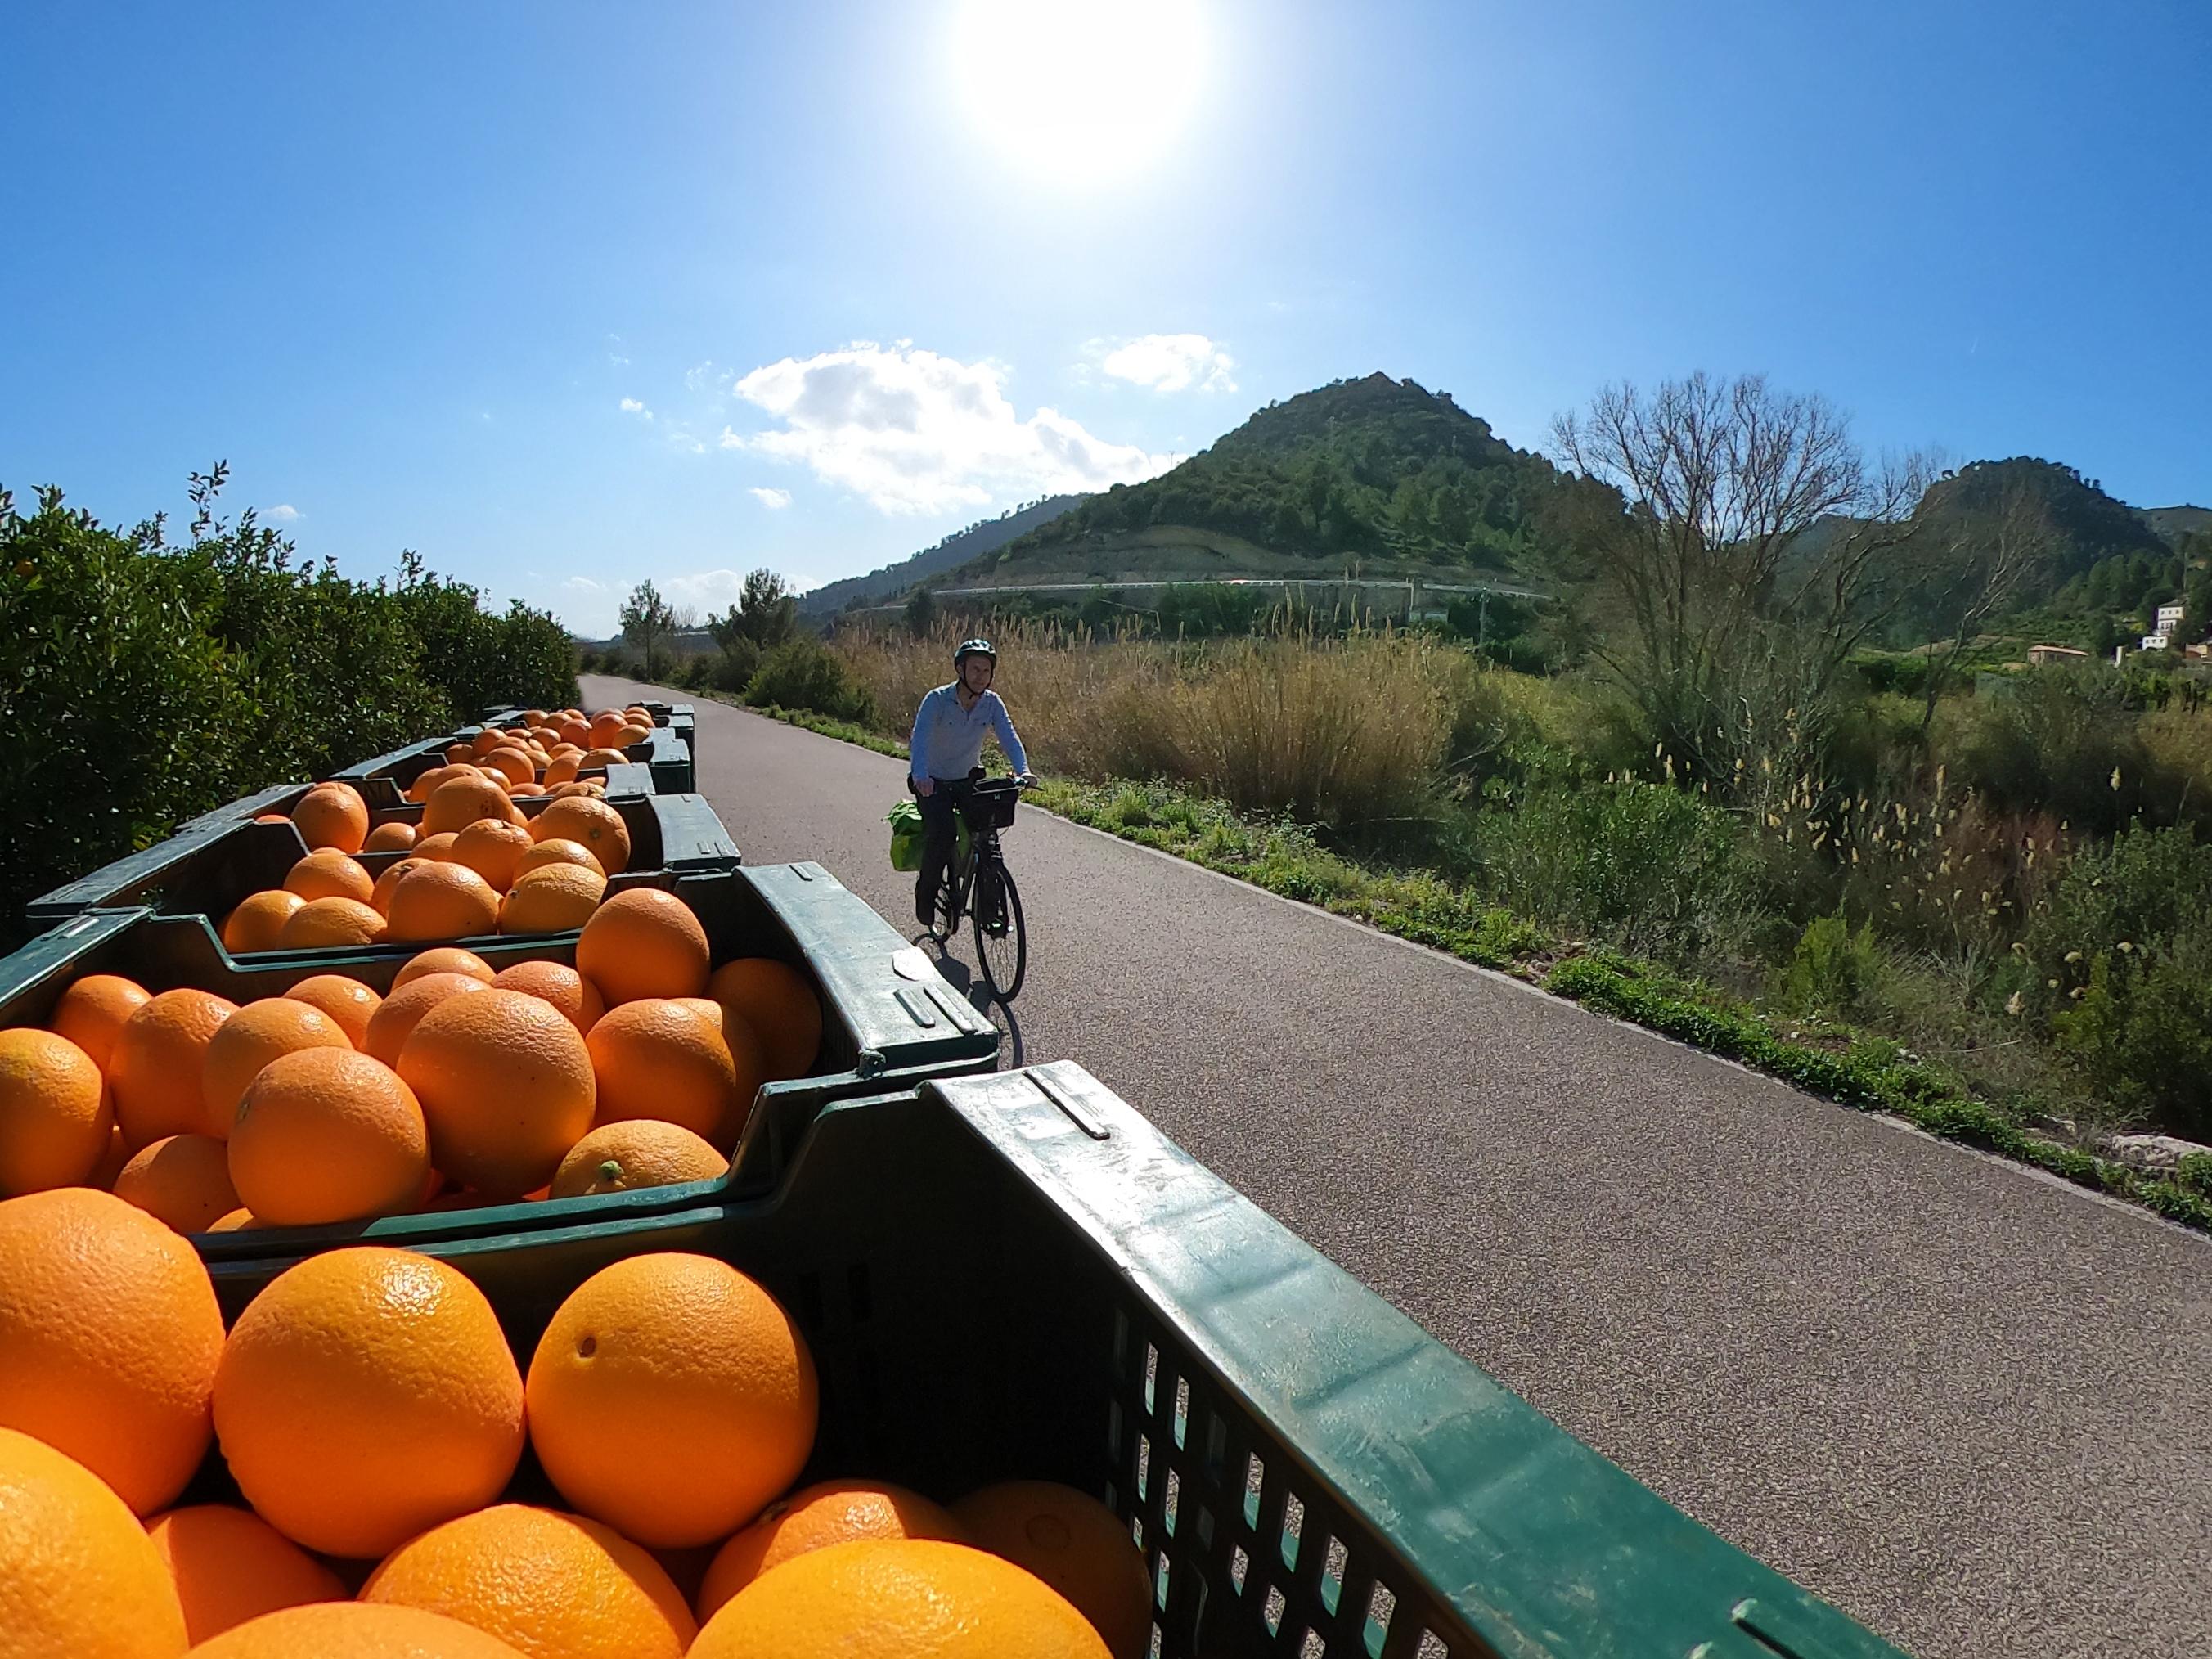 Xuquer_sumacarcer sinaasappels kisten fi